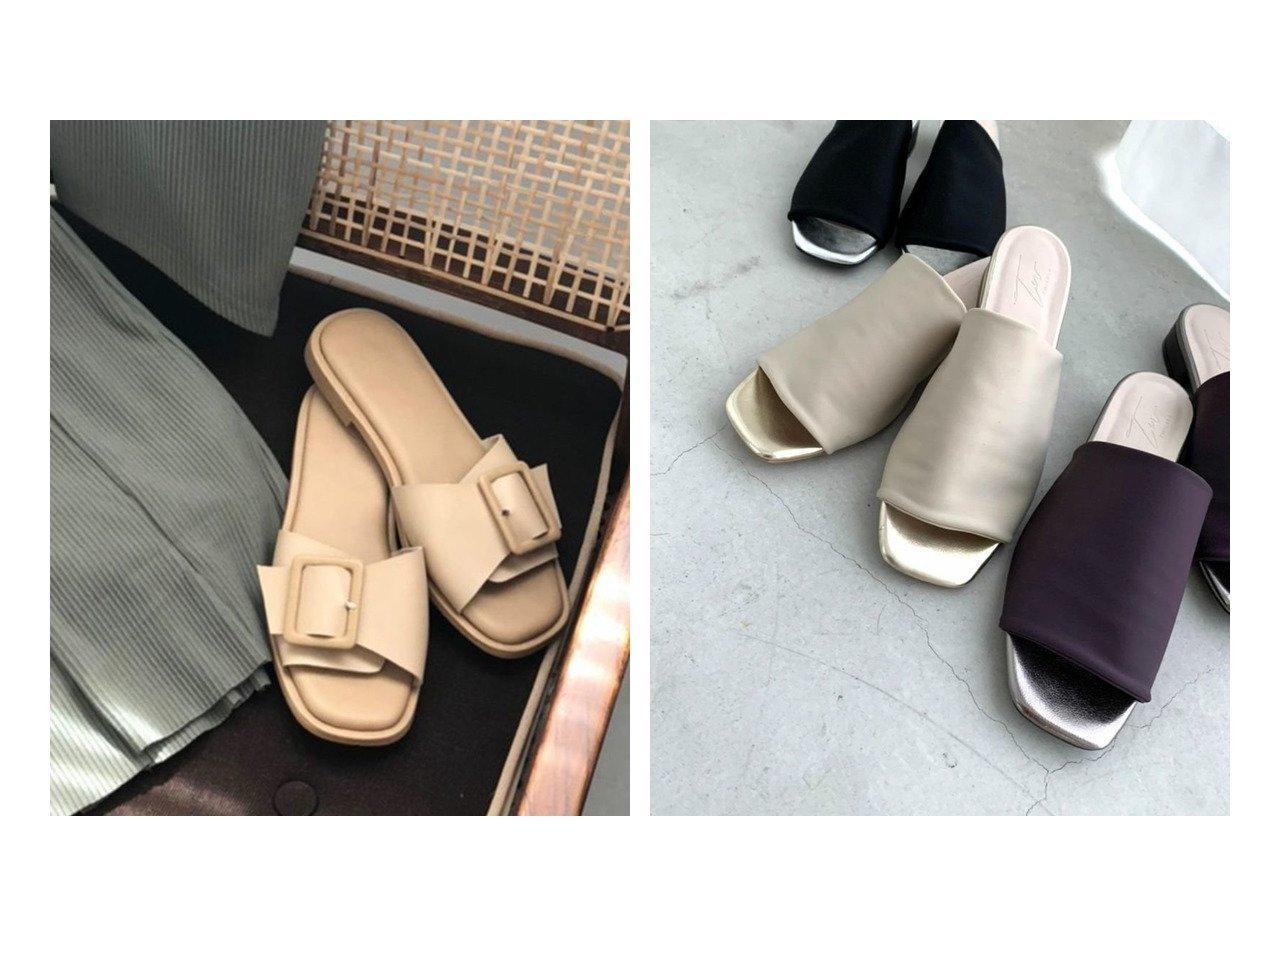 【marjour/マージュール】のmarjourバックルサンダル BUCKLE SANDAL&marjourストレッチサンダル STRETCH SANDAL マージュールのおすすめ!人気、トレンド・レディースファッションの通販 おすすめで人気の流行・トレンド、ファッションの通販商品 メンズファッション・キッズファッション・インテリア・家具・レディースファッション・服の通販 founy(ファニー) https://founy.com/ ファッション Fashion レディースファッション WOMEN バッグ Bag インソール サンダル フェイクレザー フレア おすすめ Recommend なめらか クッション ストレッチ |ID:crp329100000021545